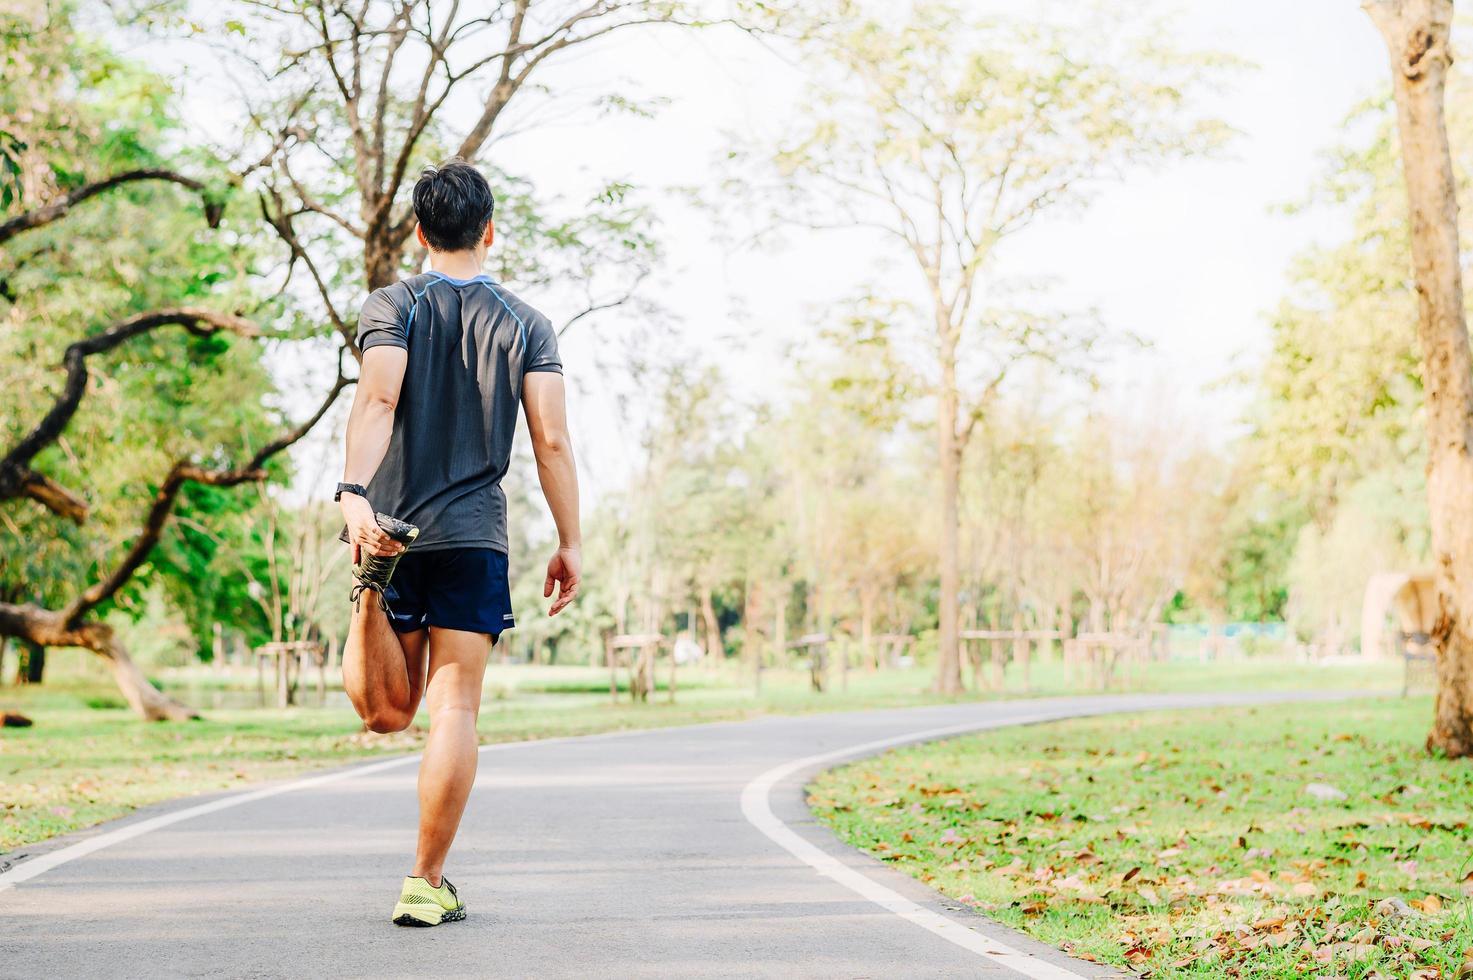 männlicher Läufer, der Dehnungsübung macht foto